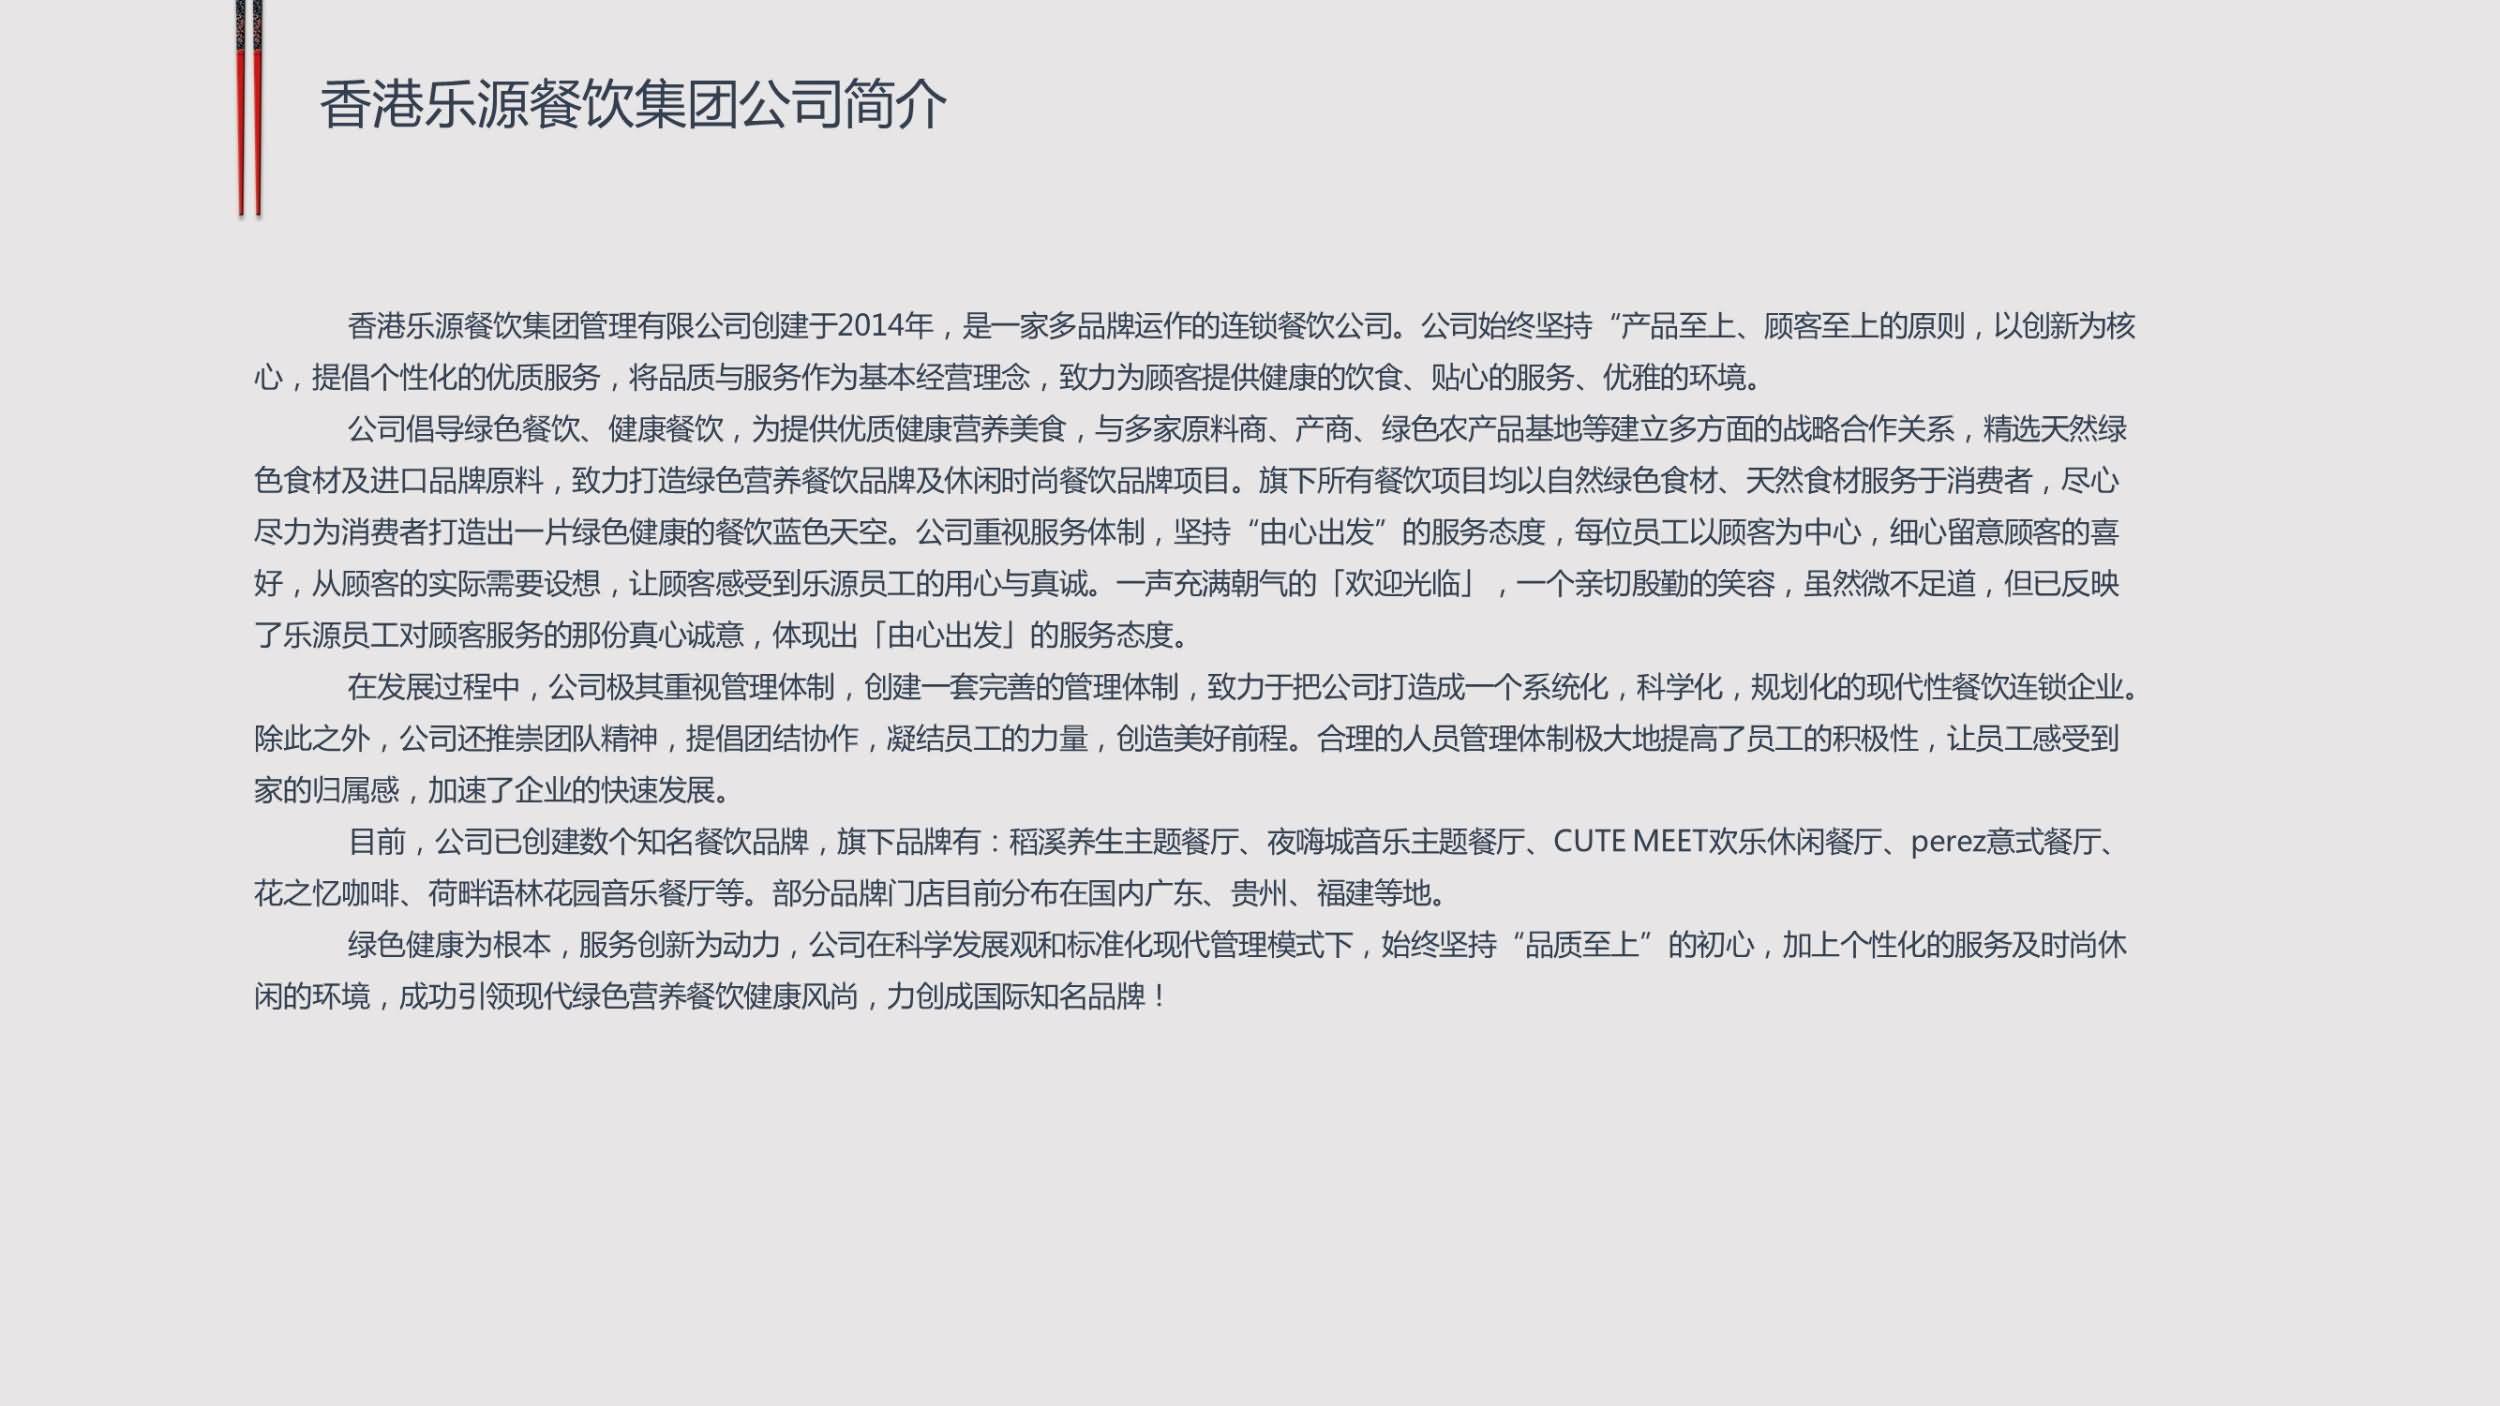 香港樂源餐飲集團有限公司4